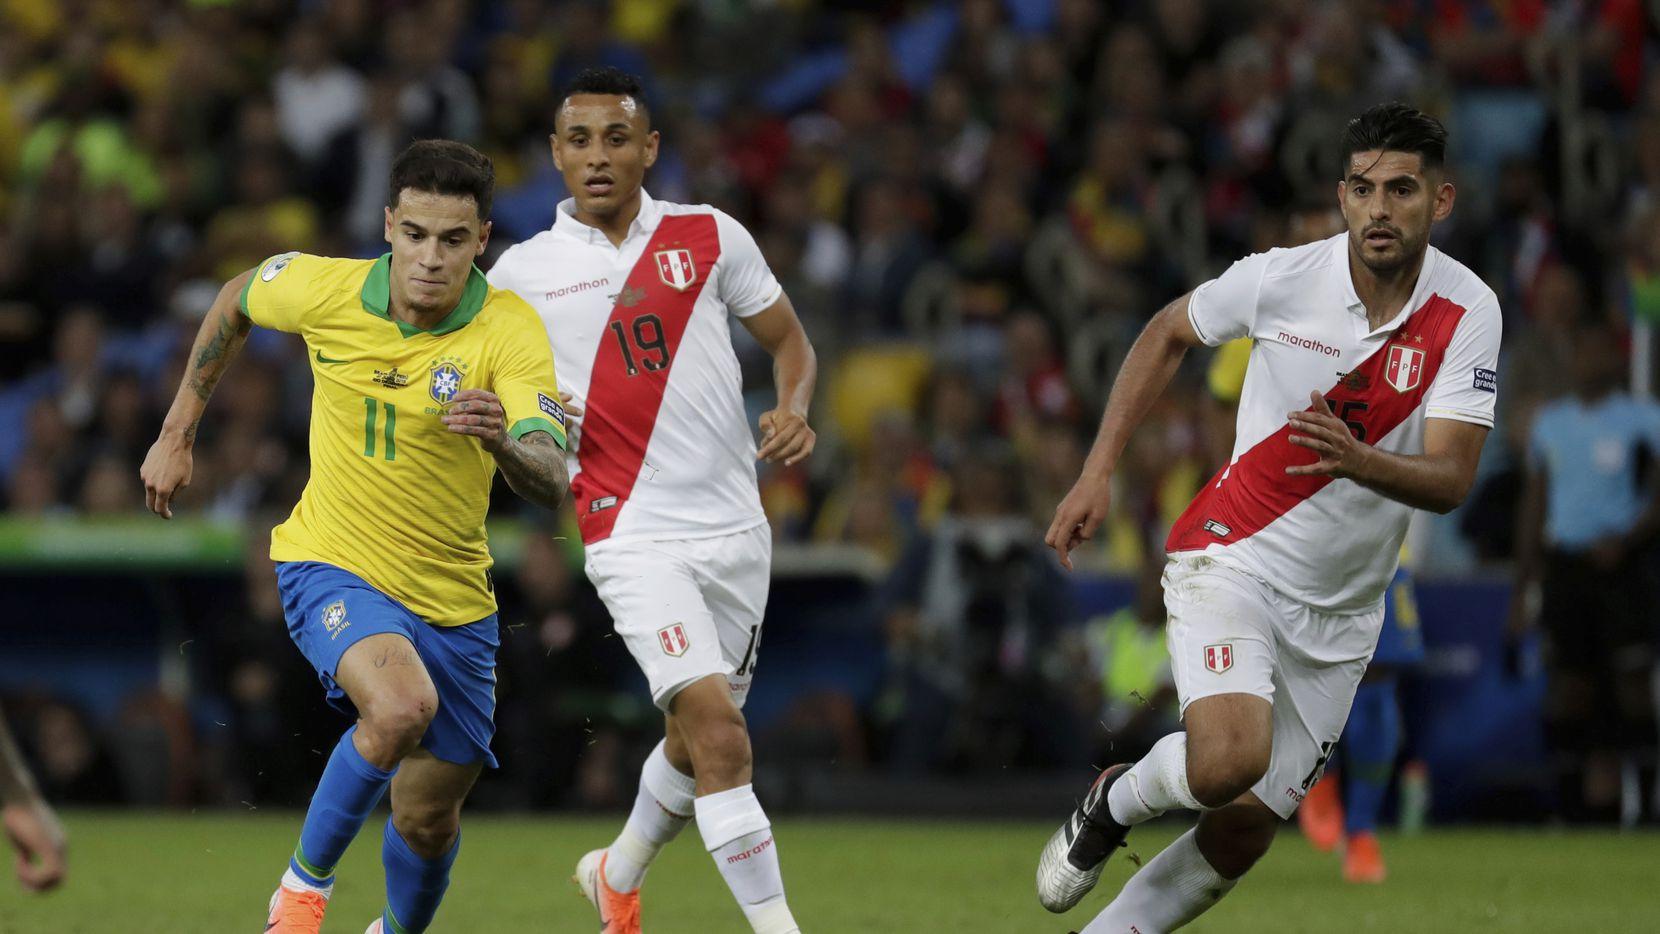 Philippe Coutinho de Brasil condice el balón en el partido de la final de la Copa América ante Perú en el estadio Maracaná. AP Photo/Leo Correa